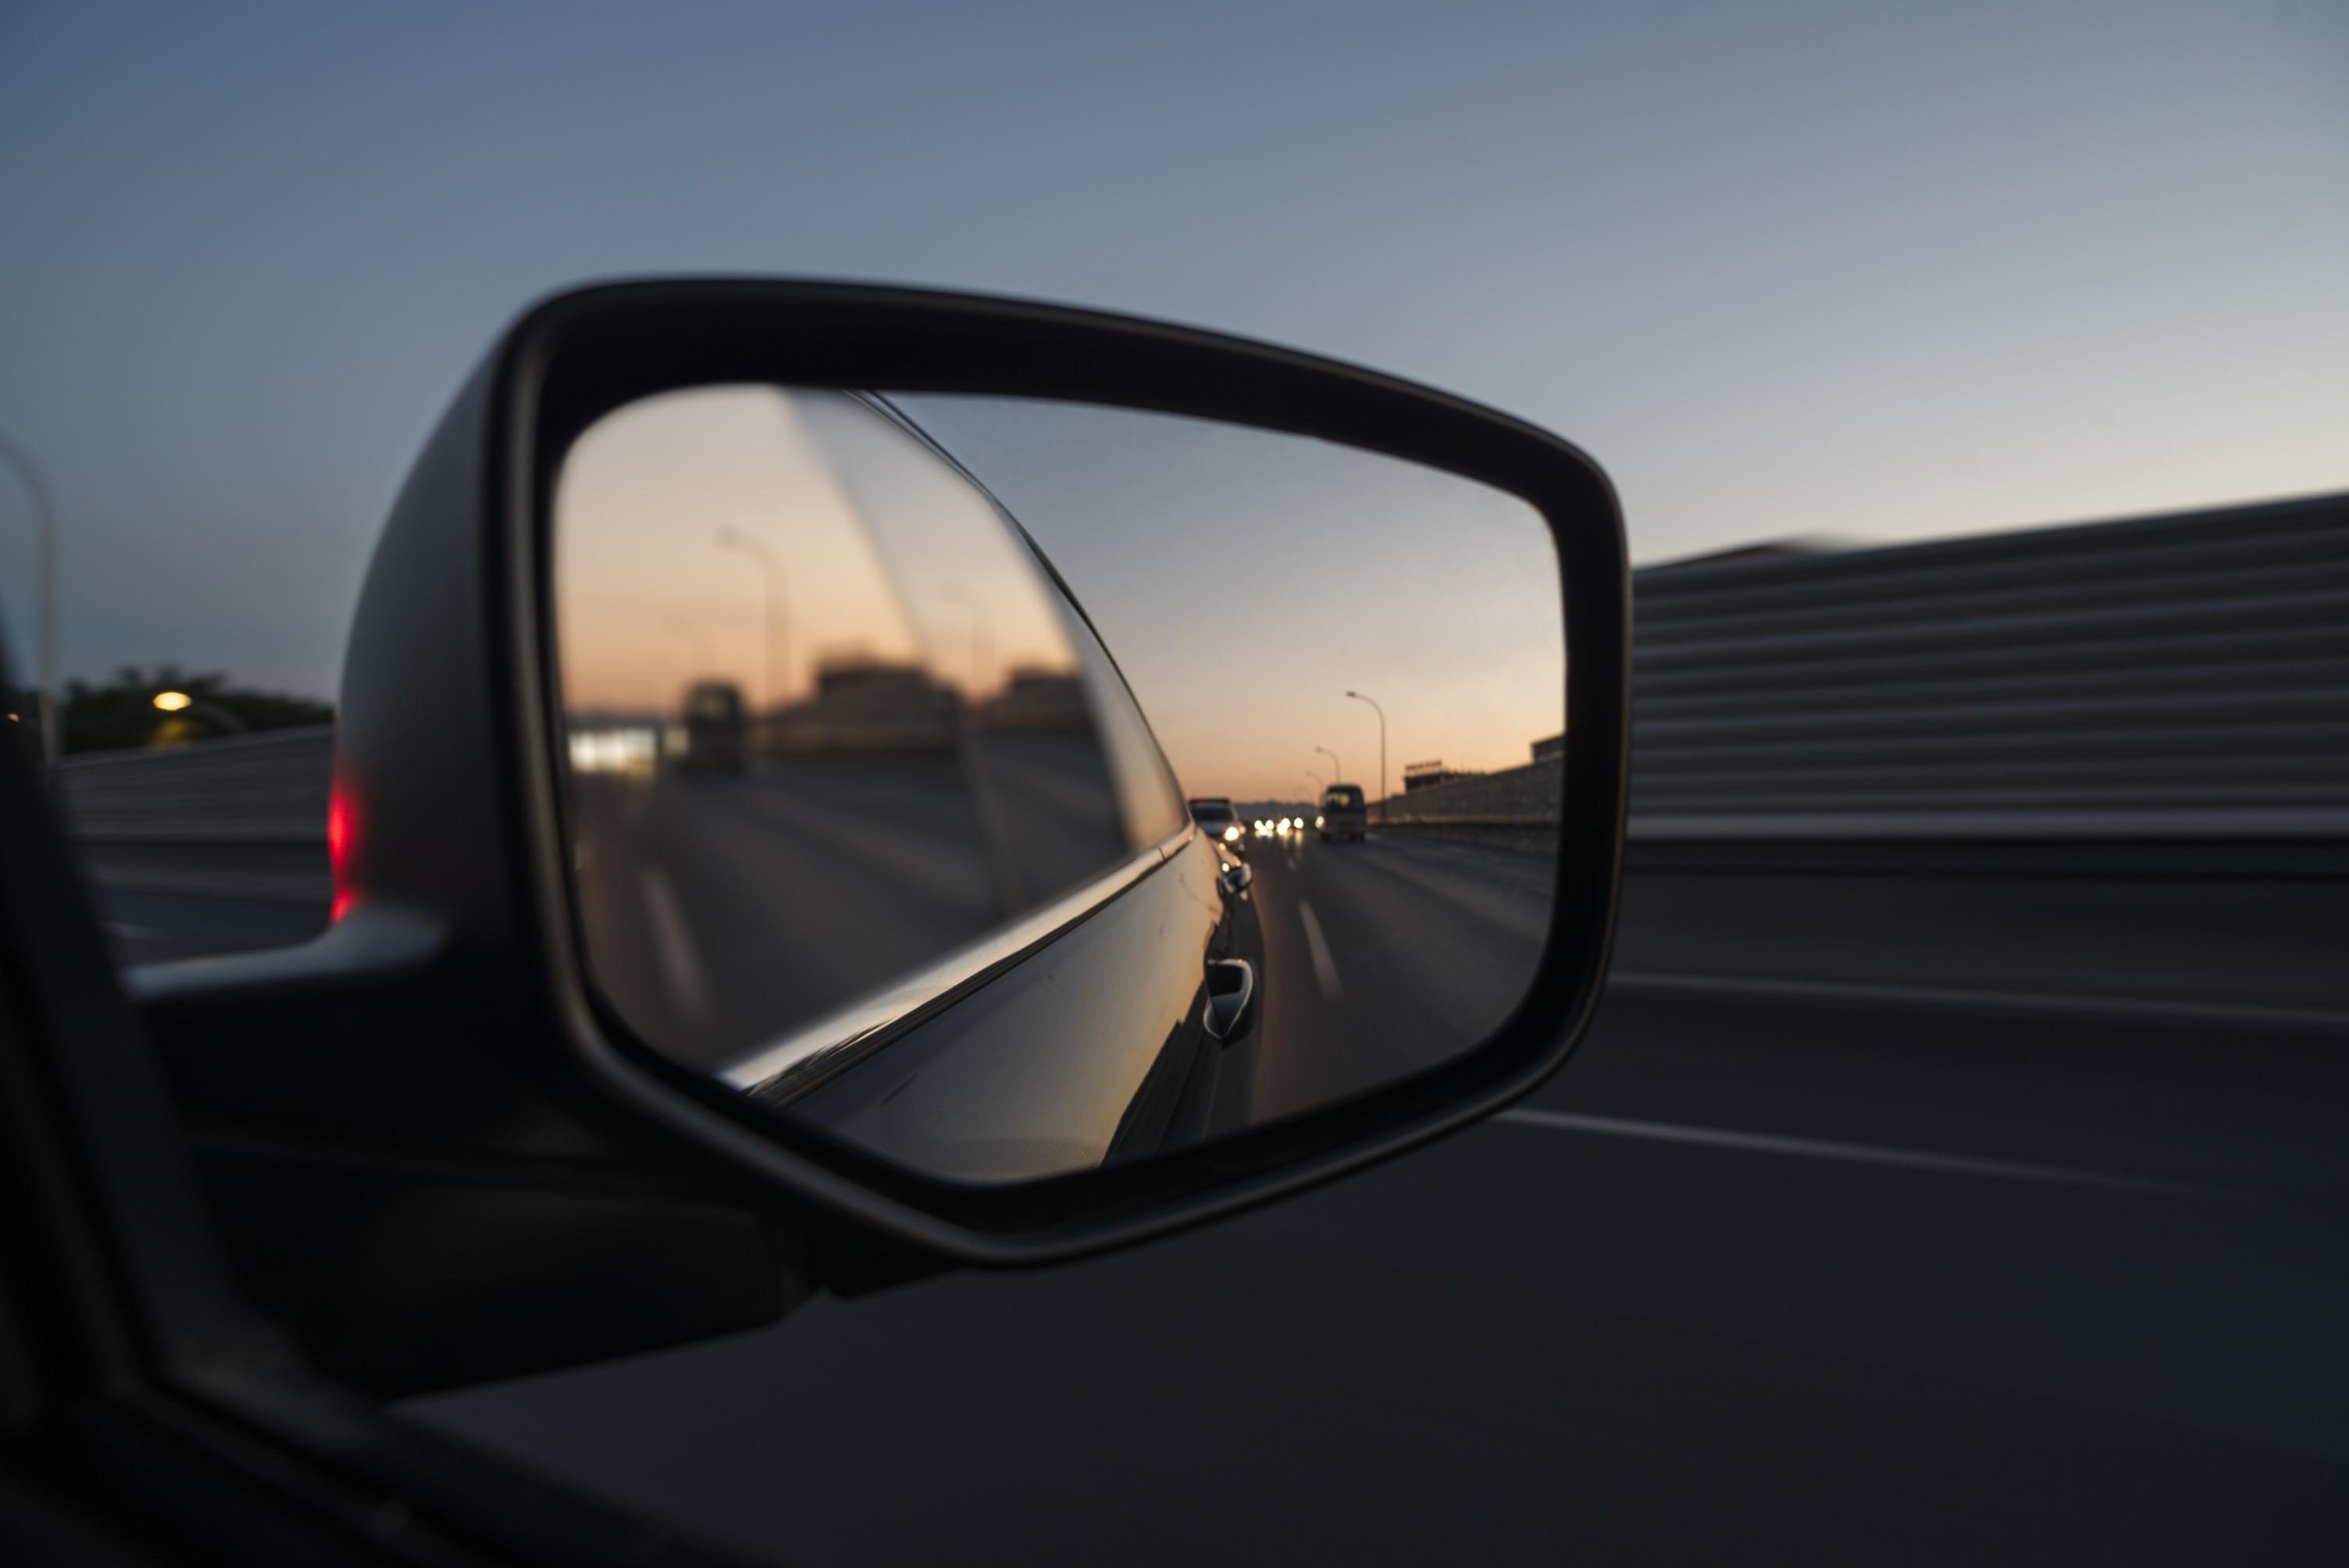 Kierowco nie jedź na pamięć - Zdjęcie główne